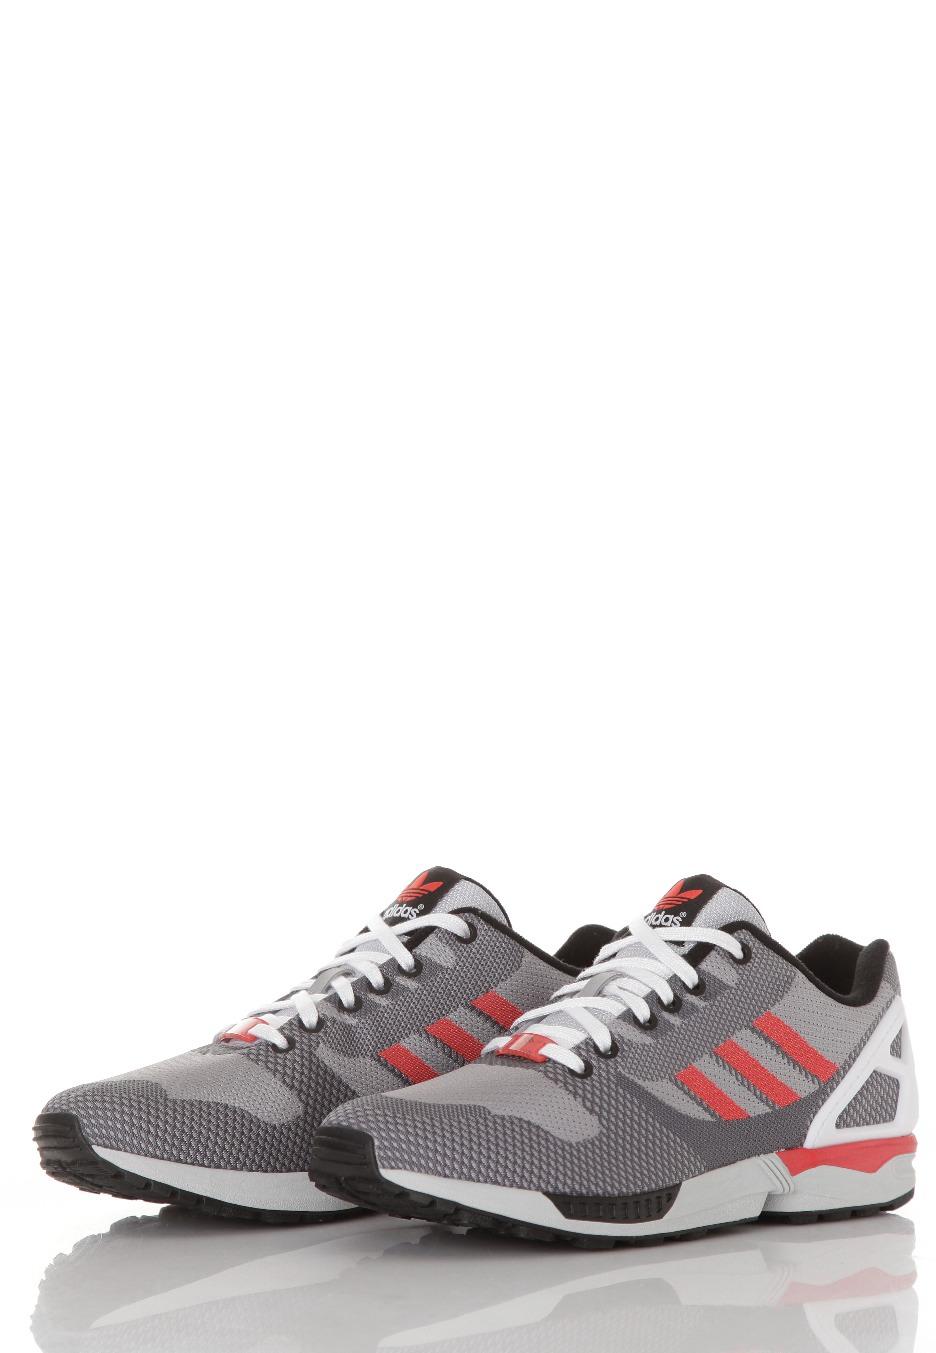 4b4c1d86477 Adidas - ZX Flux Weave Aluminium - Shoes - Impericon.com US